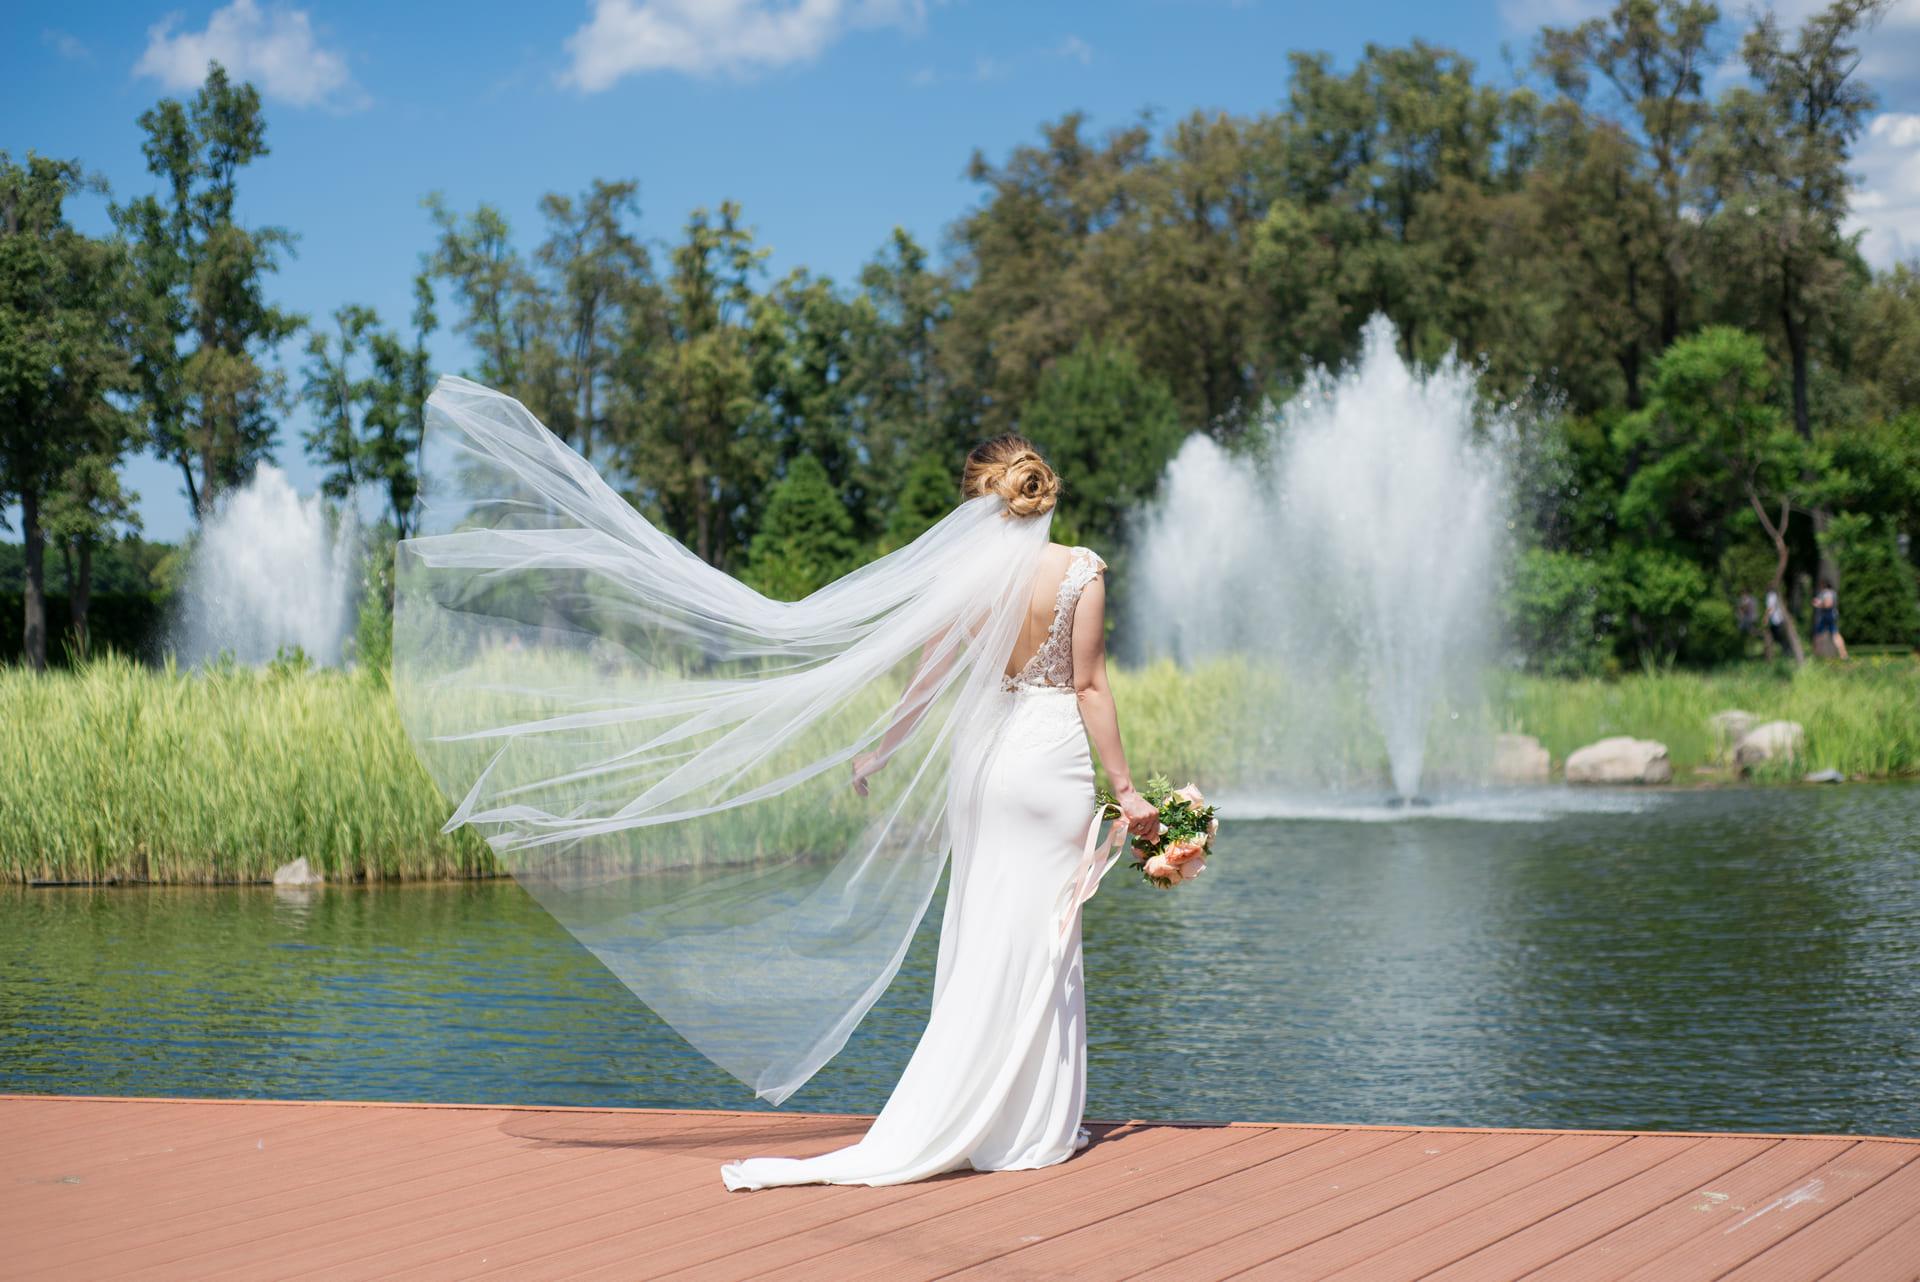 Свадебная фотосессия в Межигорье: Фата невесты развевается на ветру